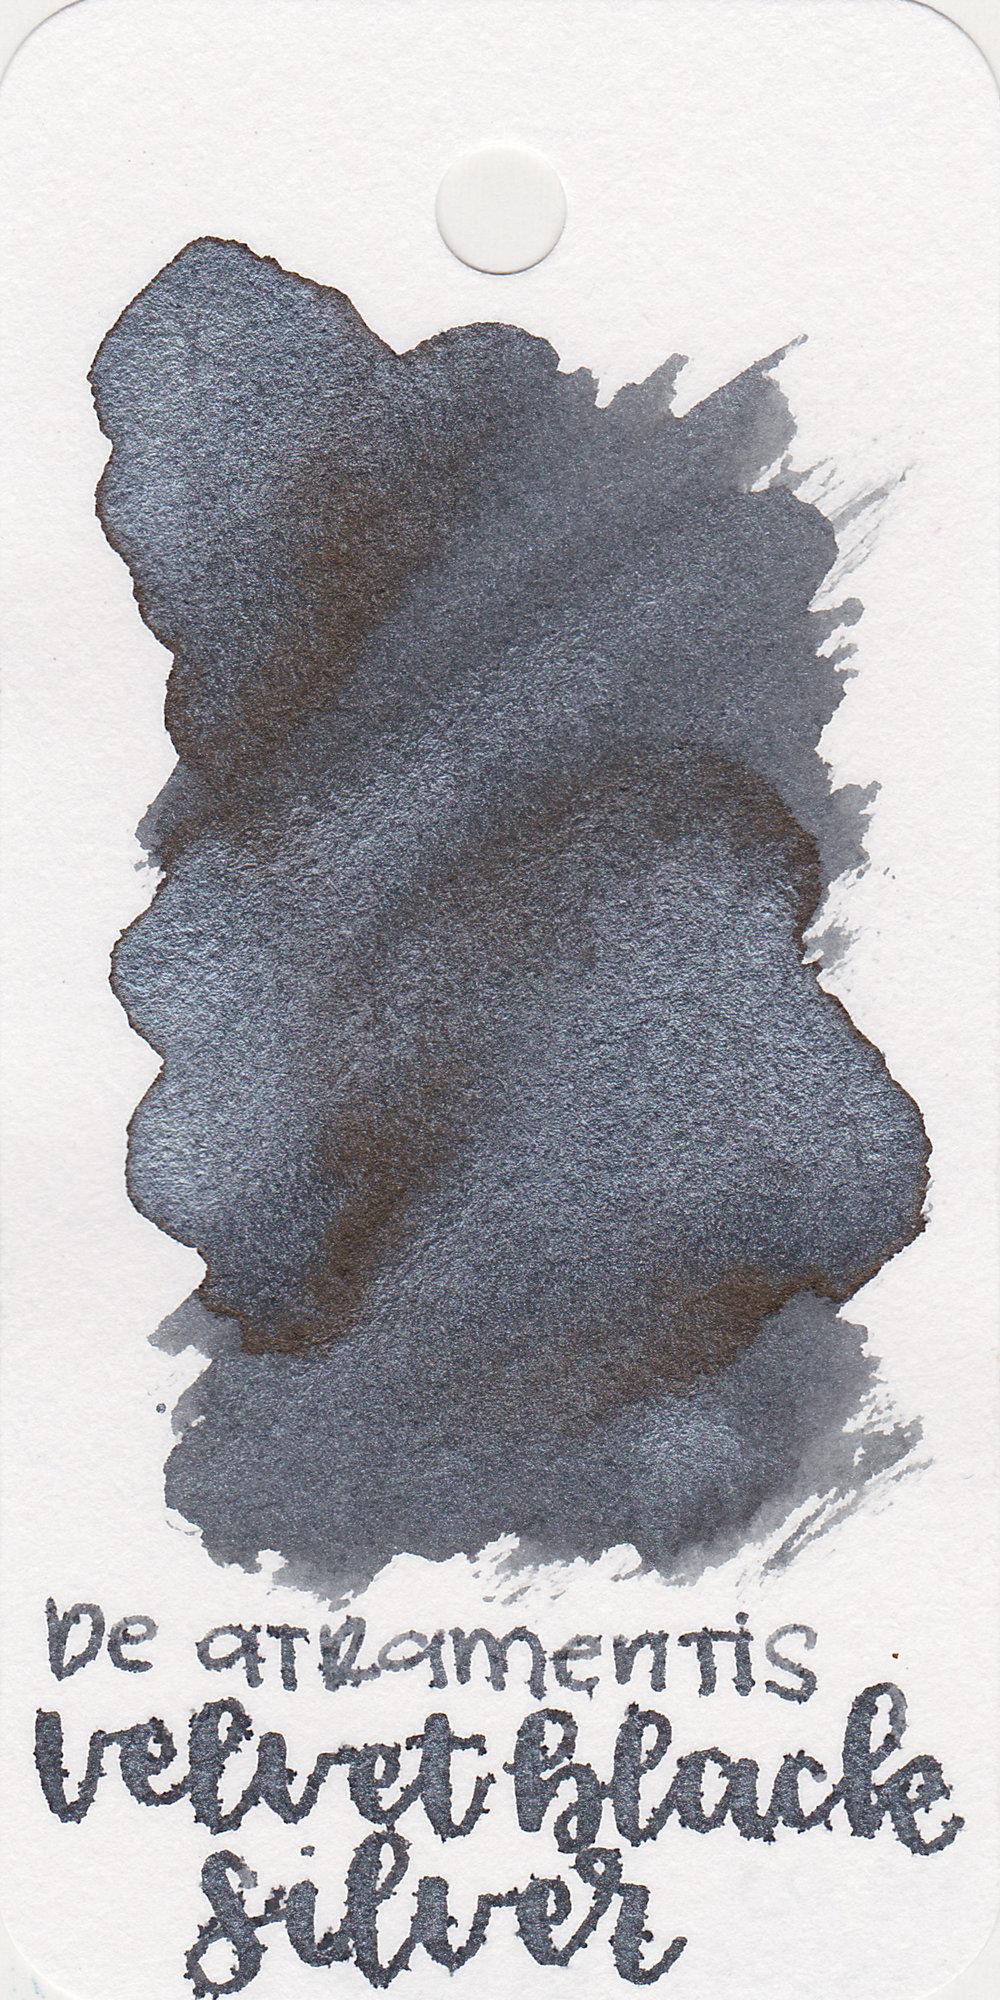 da-velvet-black-silver-1.jpg